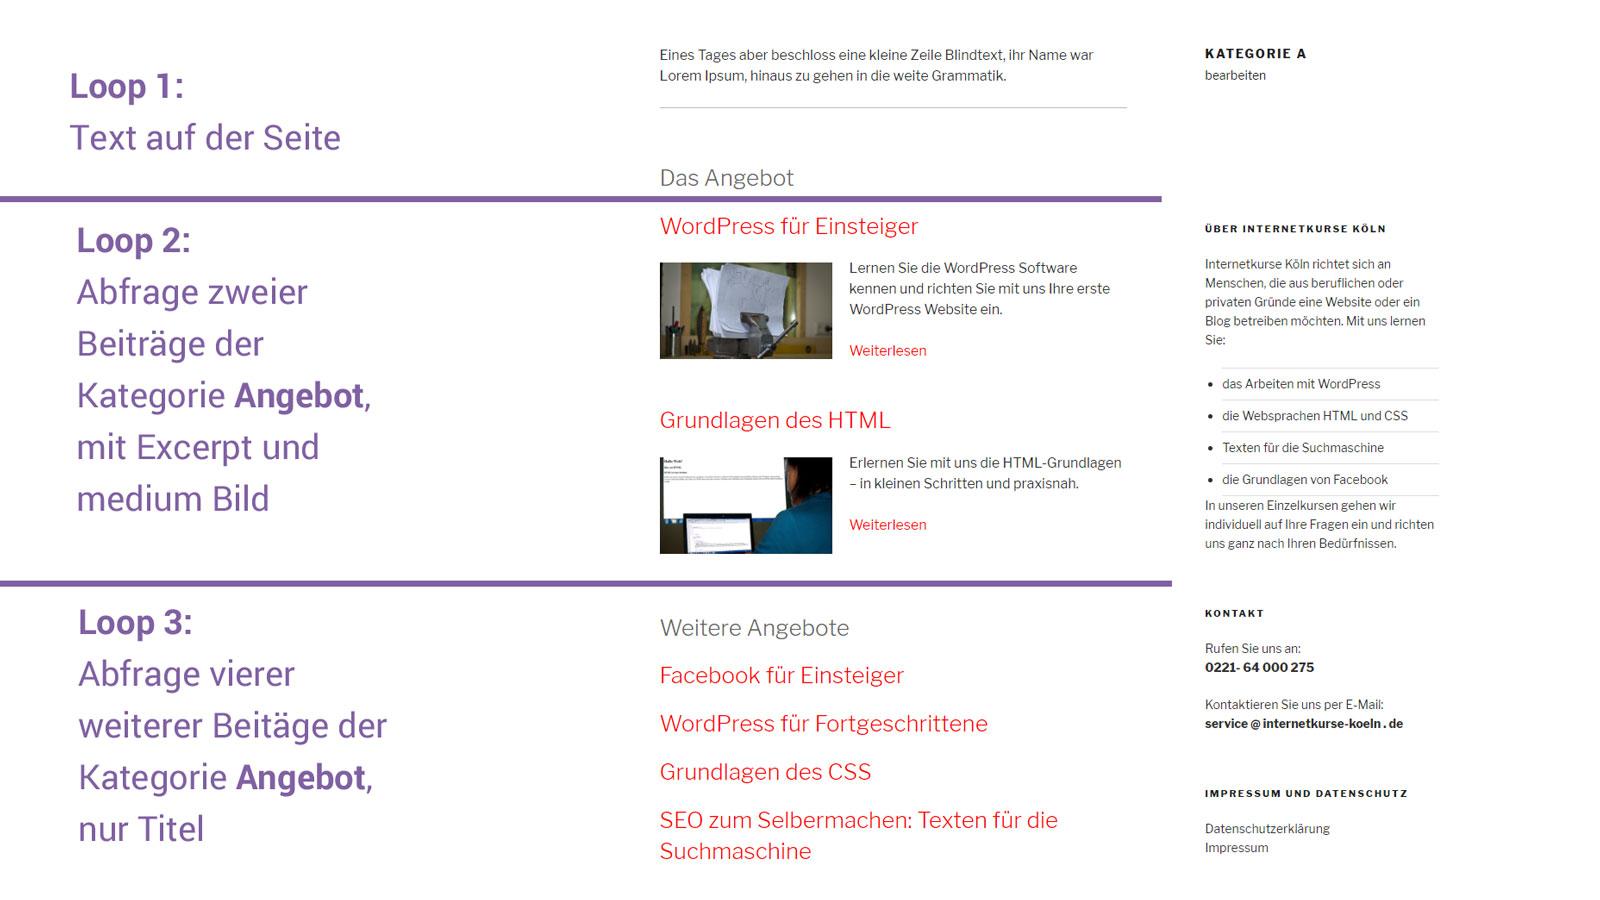 Seitentemplate mit zwei Loops erstellen - Internetkurse Köln